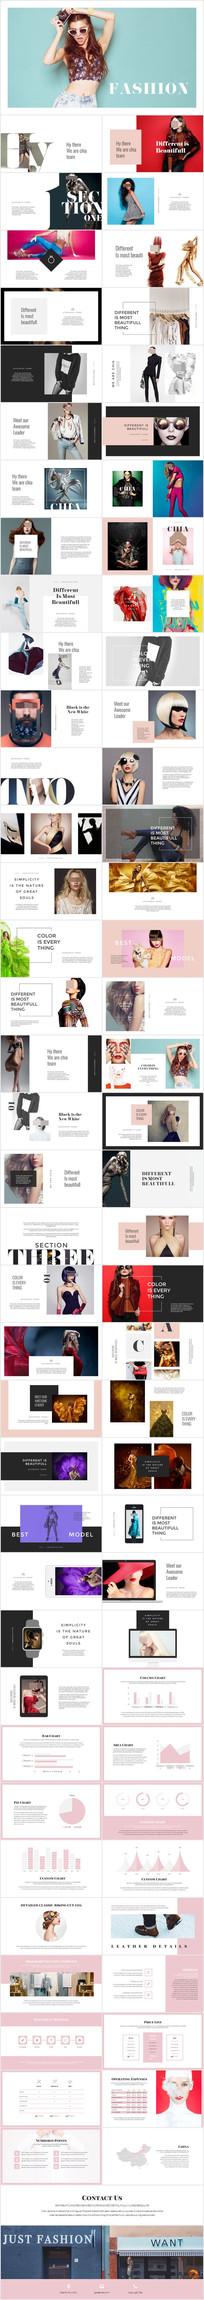 时尚魅力时装品牌宣传ppt